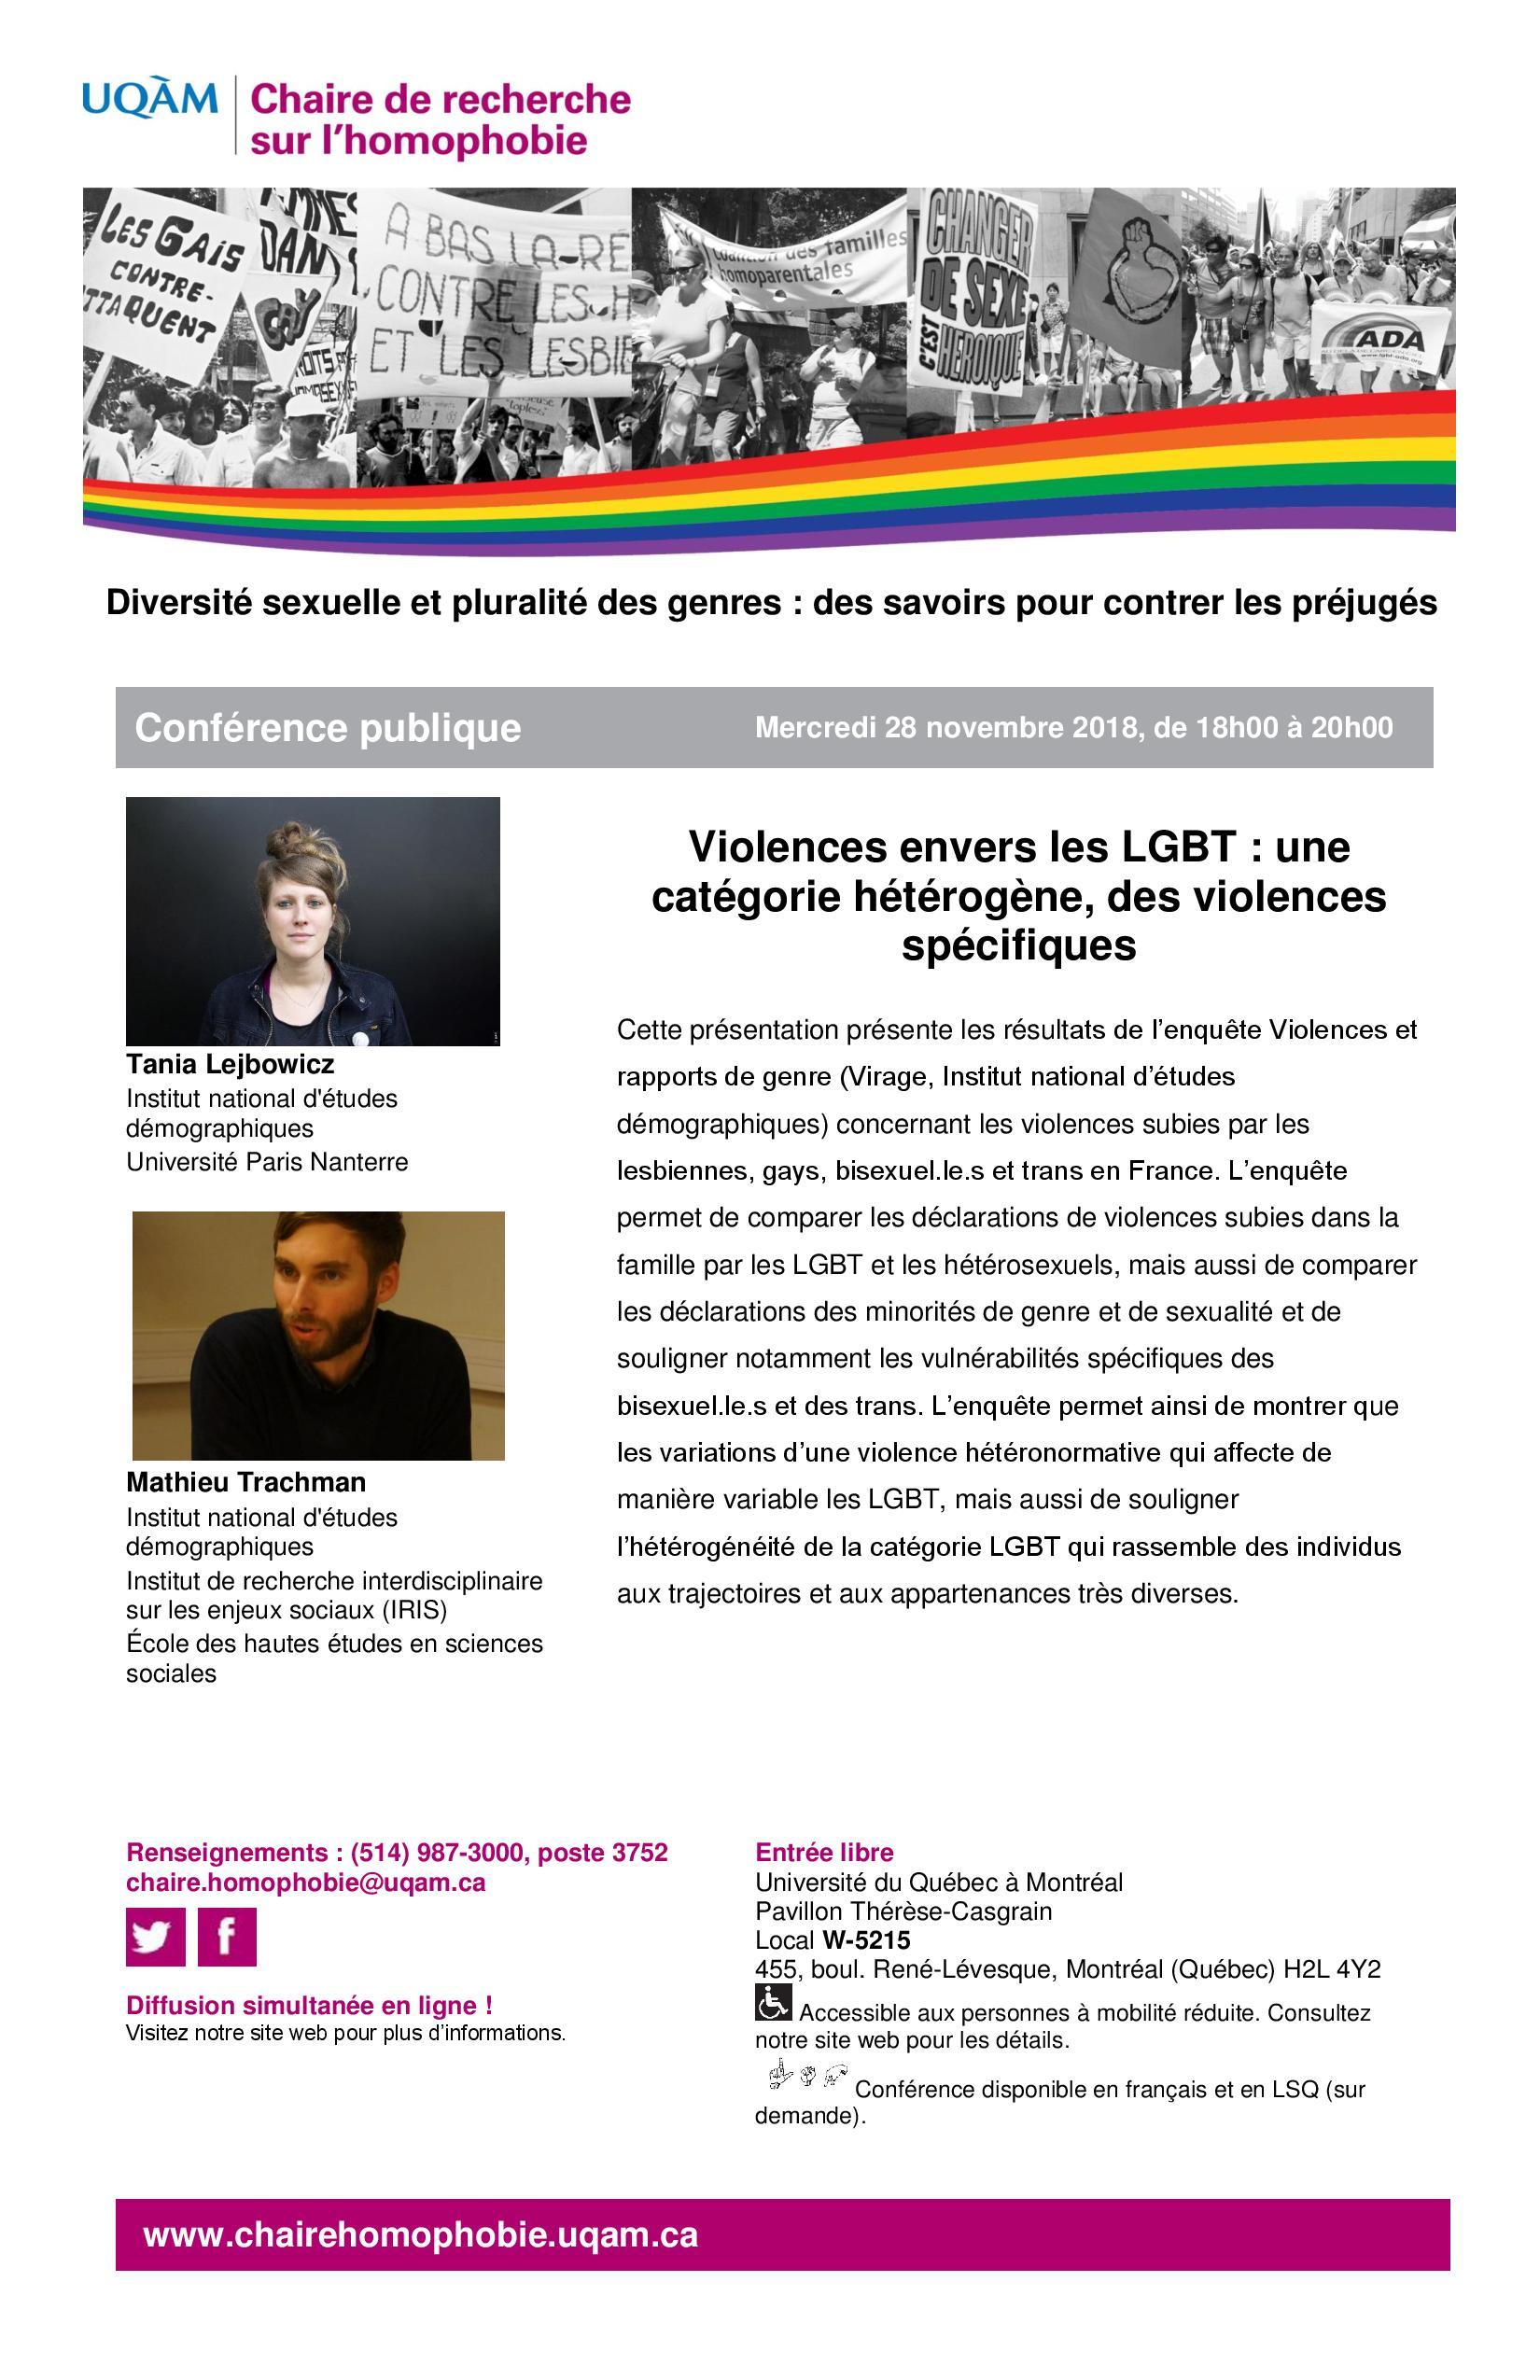 Conférence publique | Violences envers les LGBT : une catégorie hétérogène, des violences spécifiques